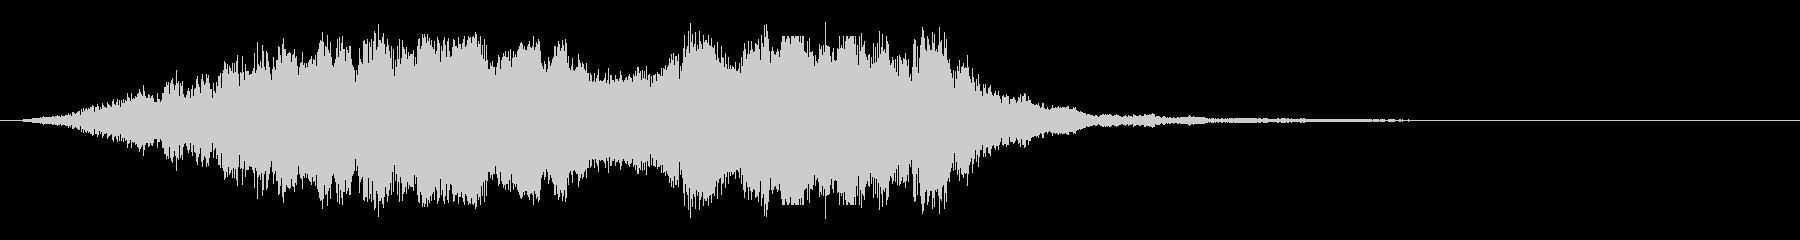 スペースレーダー:ロングスイープ、...の未再生の波形